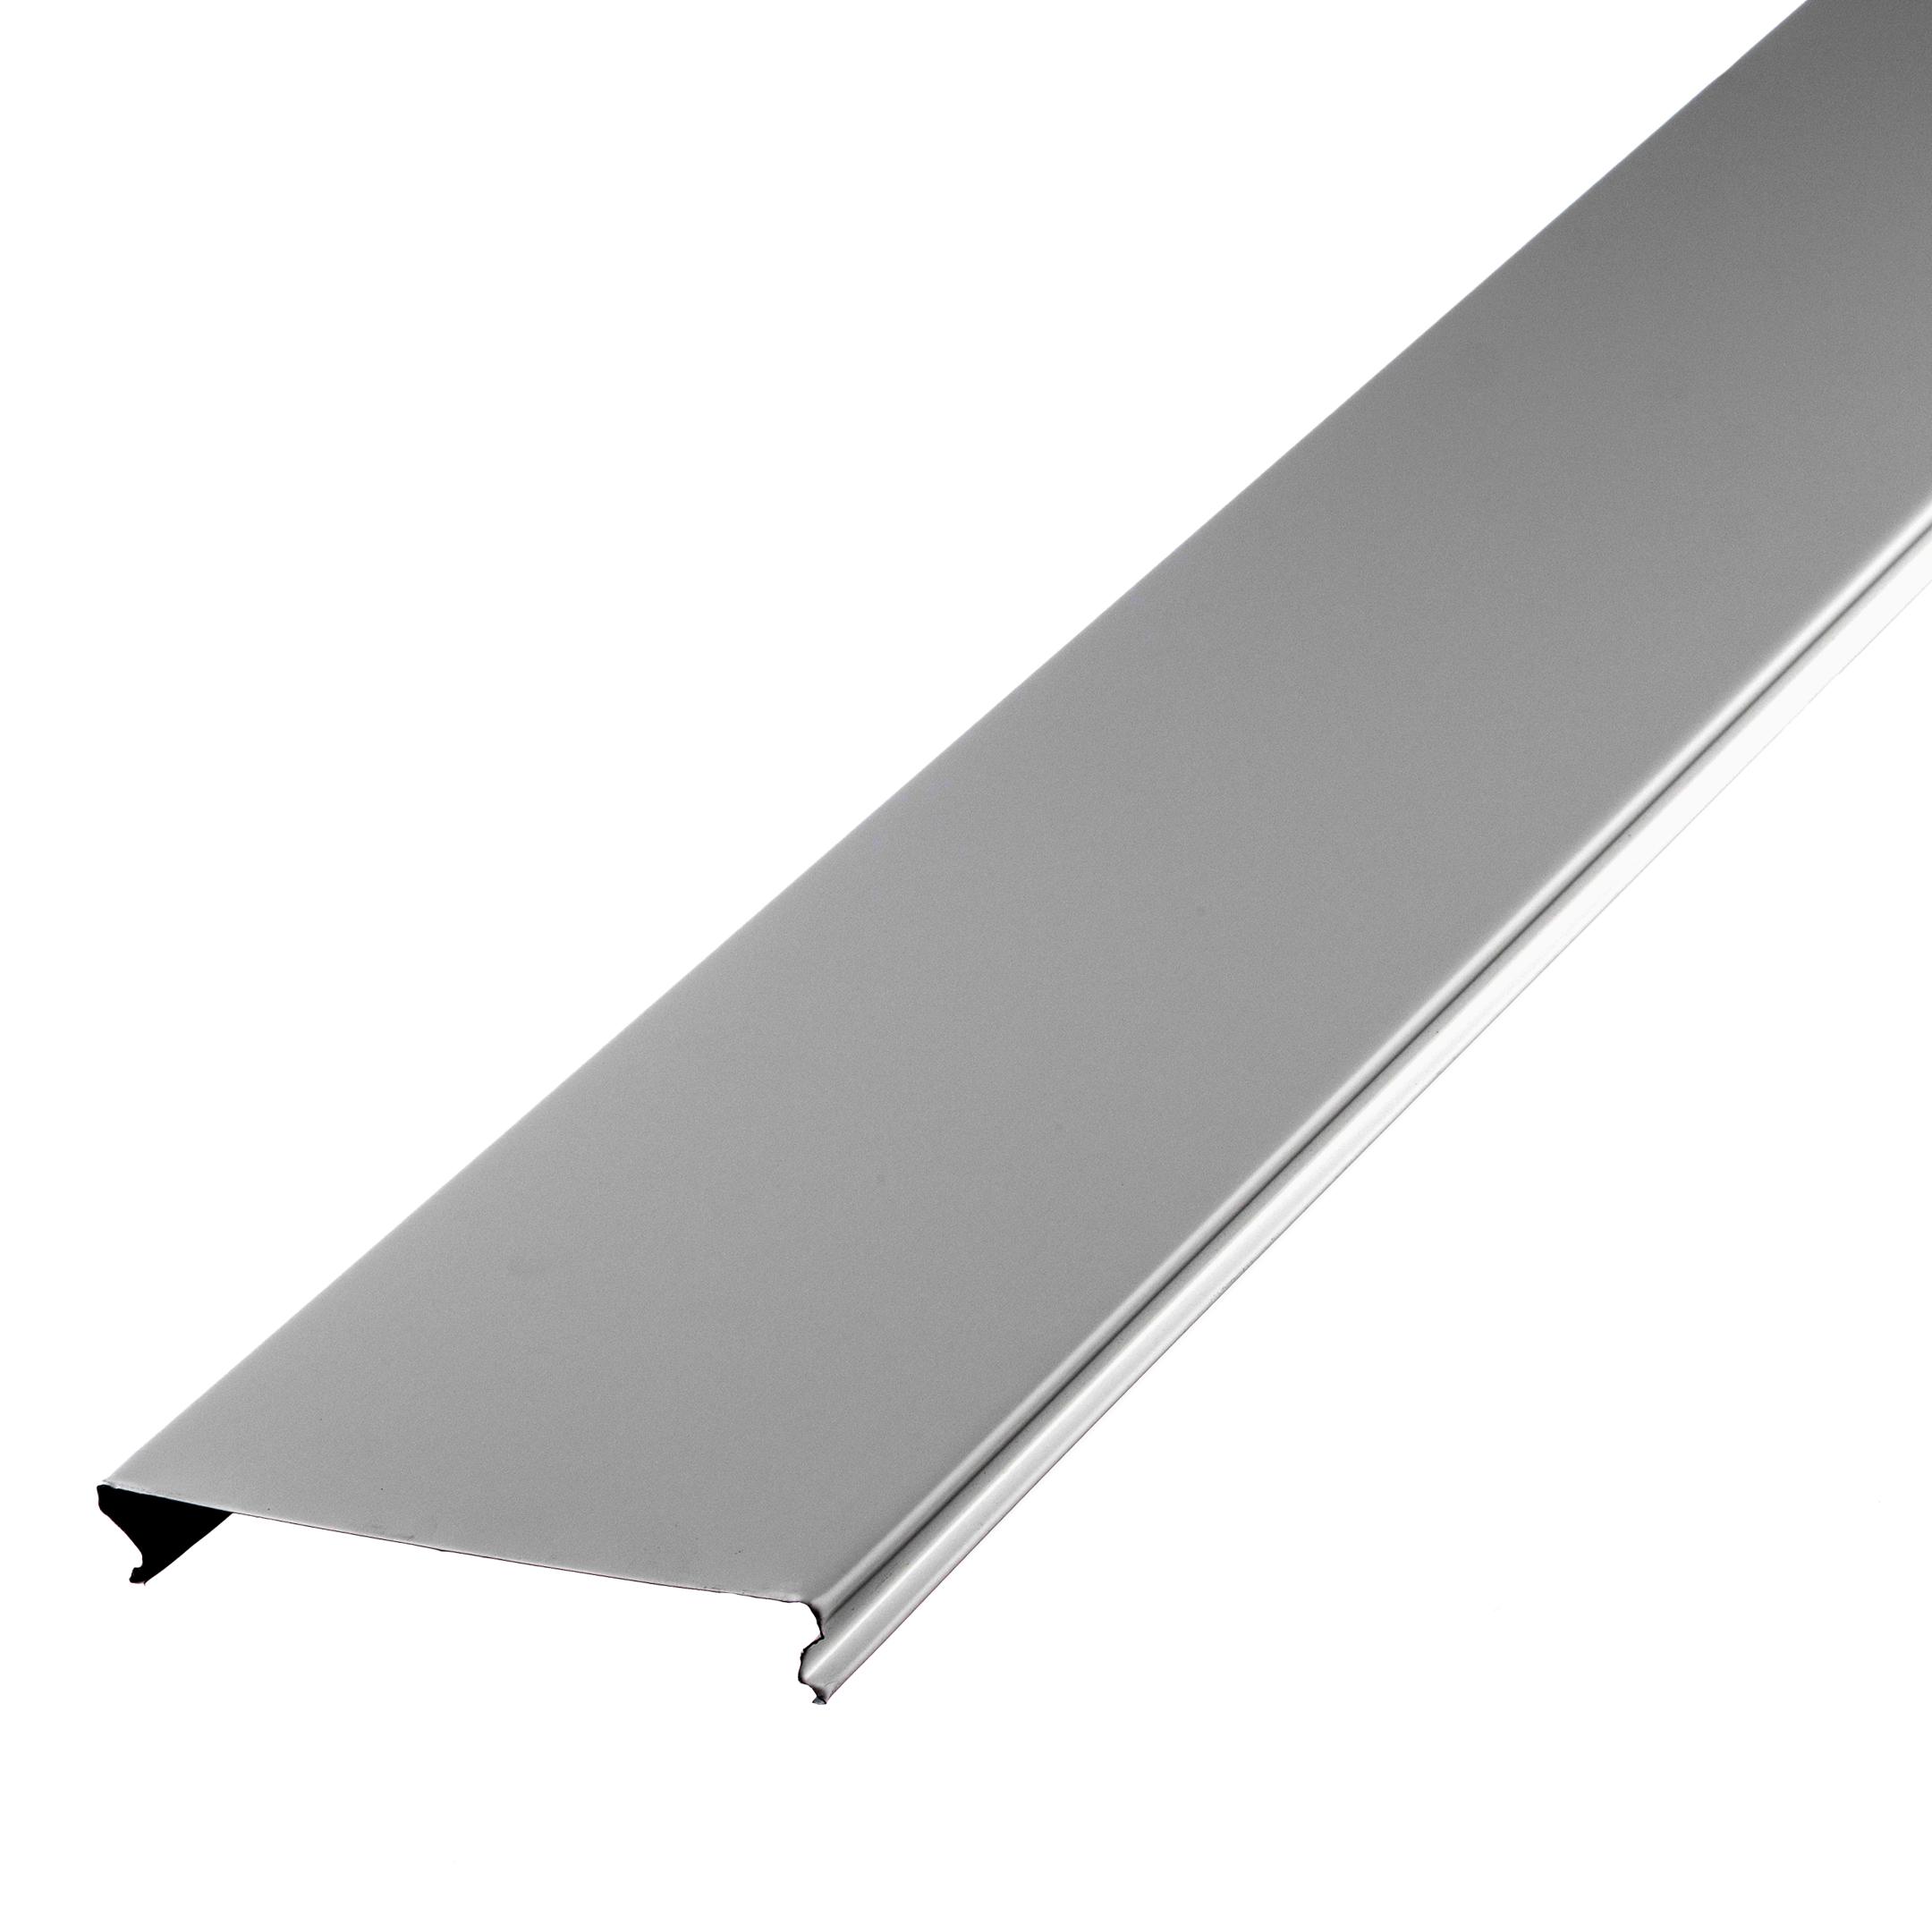 Рейка сплошная S-дизайн 3 м 100AS Эконом белая стоимость